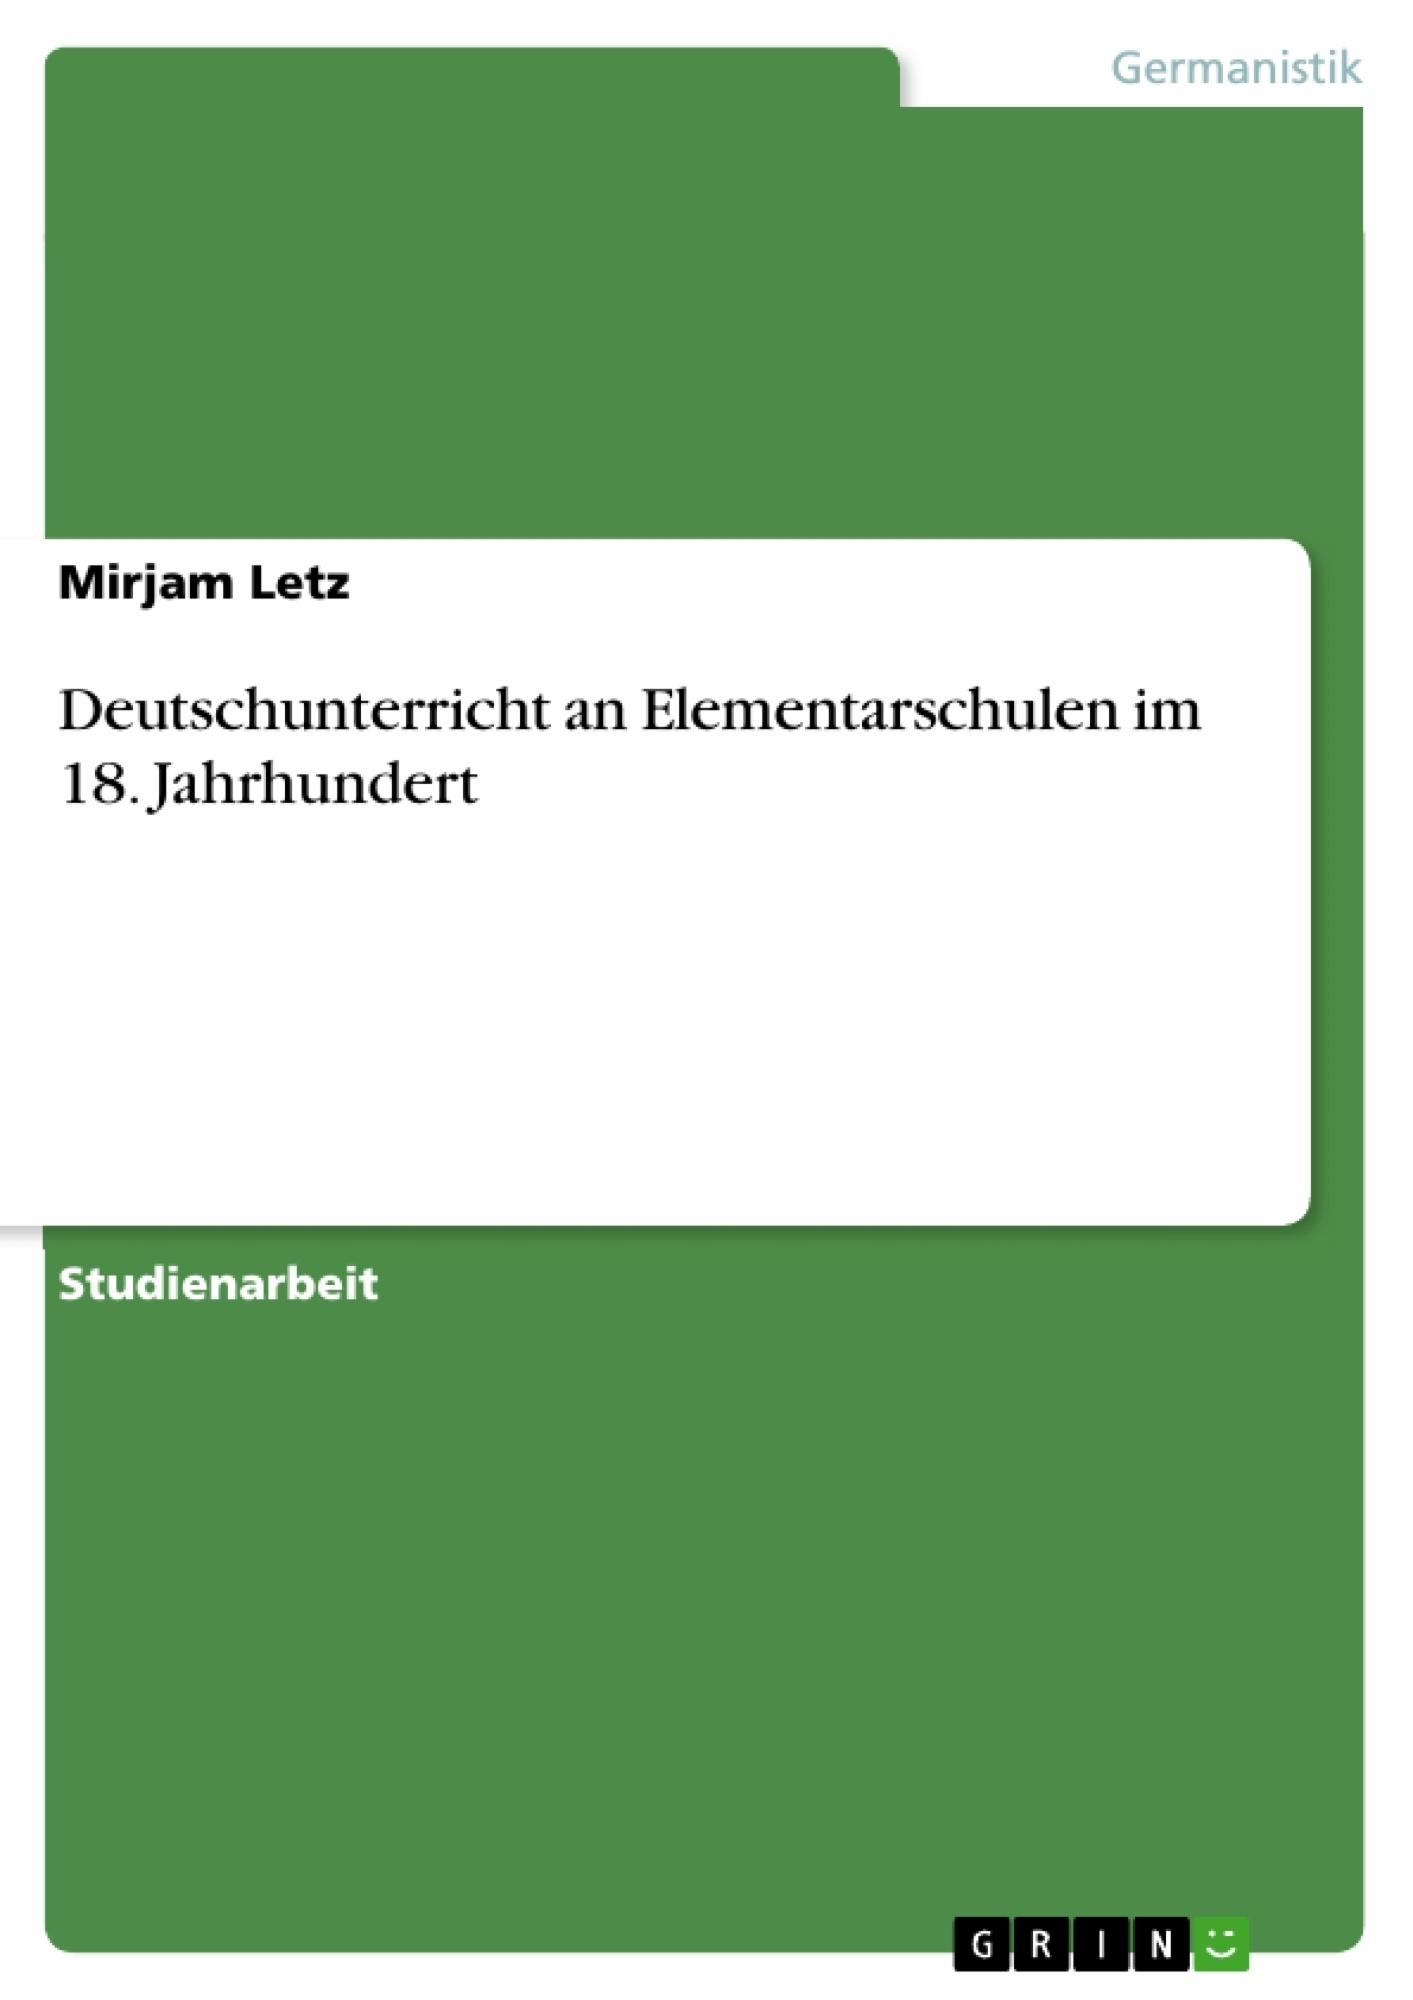 Titel: Deutschunterricht an Elementarschulen im 18. Jahrhundert